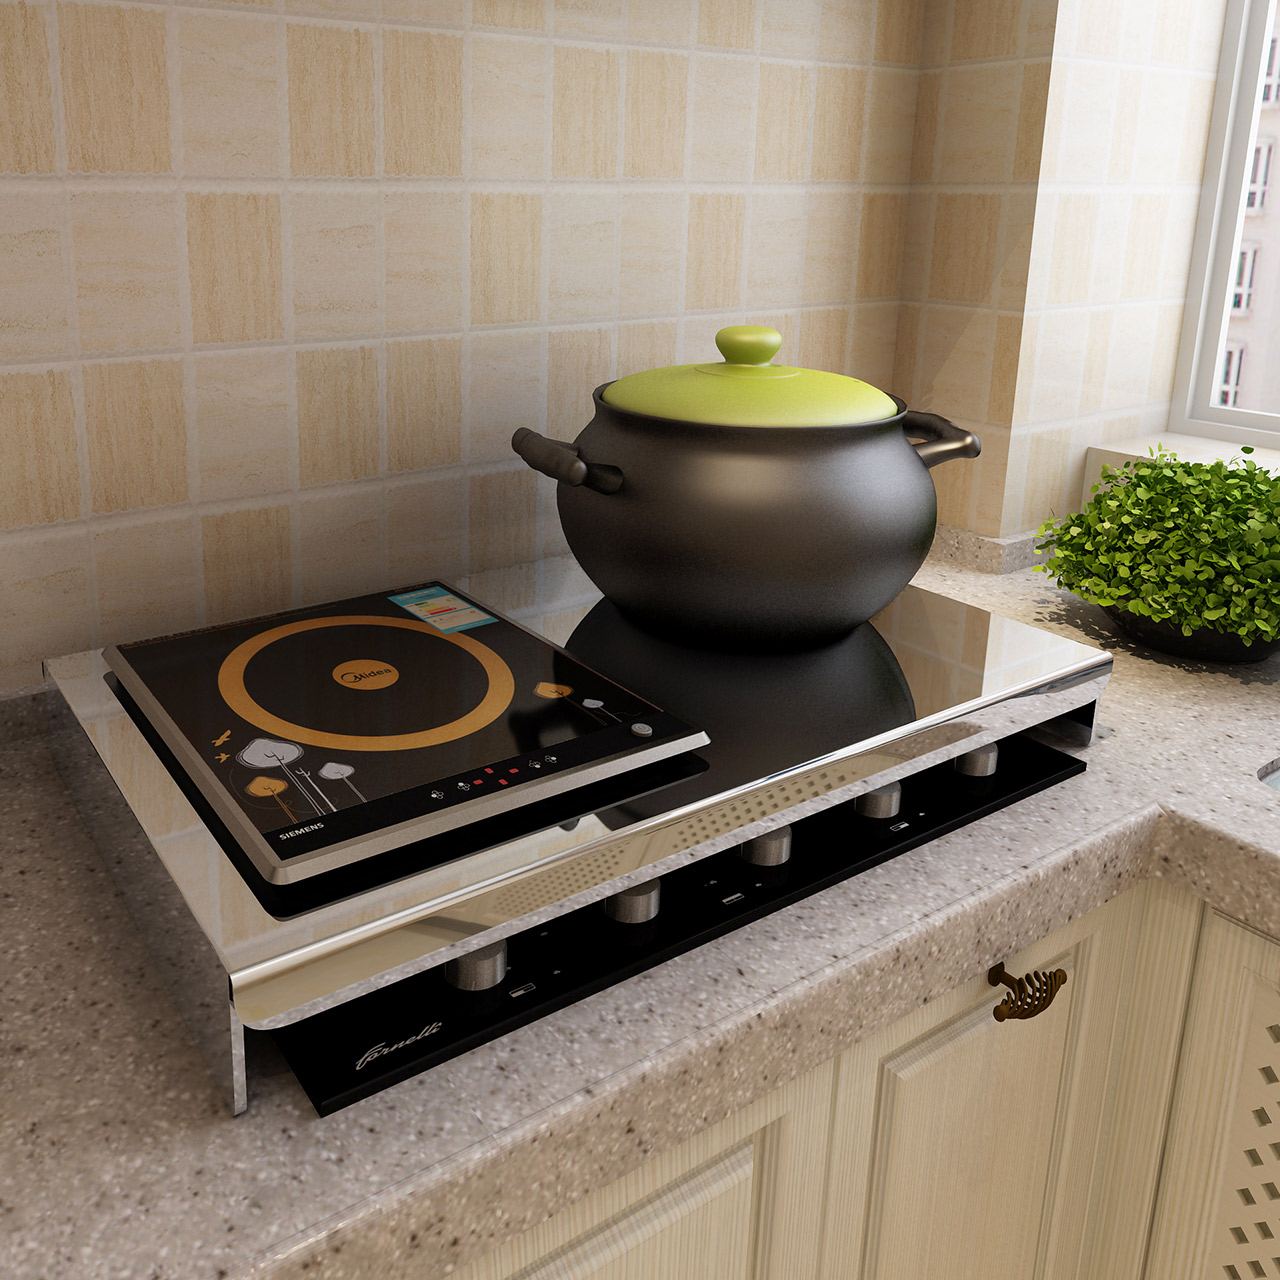 厨房置物架不锈钢电磁炉支架底座天然气煤气灶燃气灶盖板灶台架子,可领取10元天猫优惠券